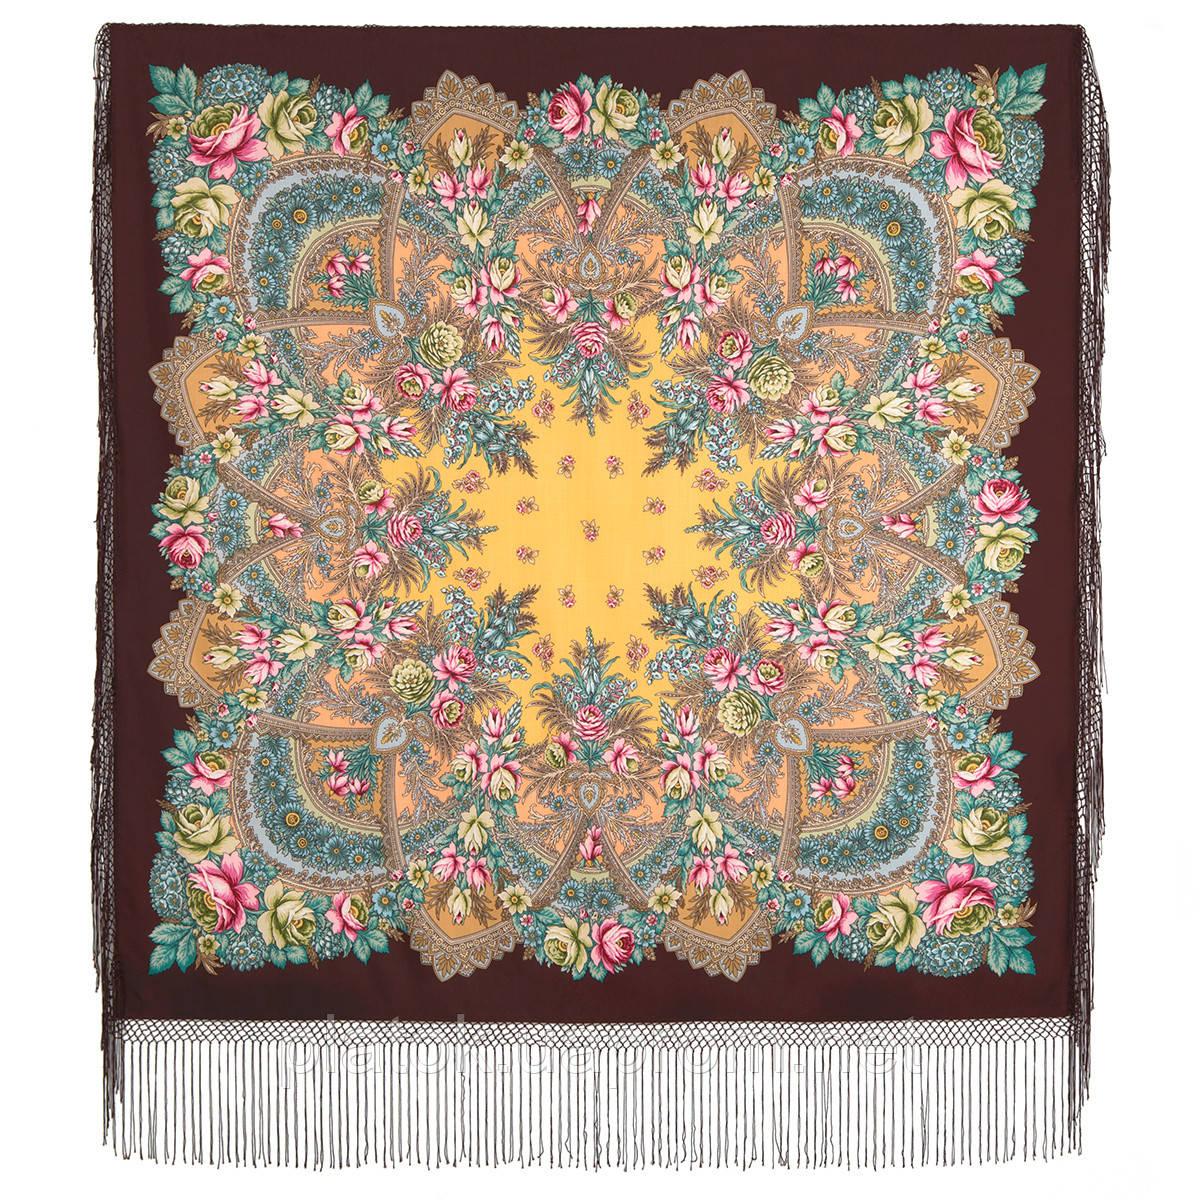 Июньское утро 1028-17, павлопосадский платок (шаль) из уплотненной шерсти с шелковой вязанной бахромой